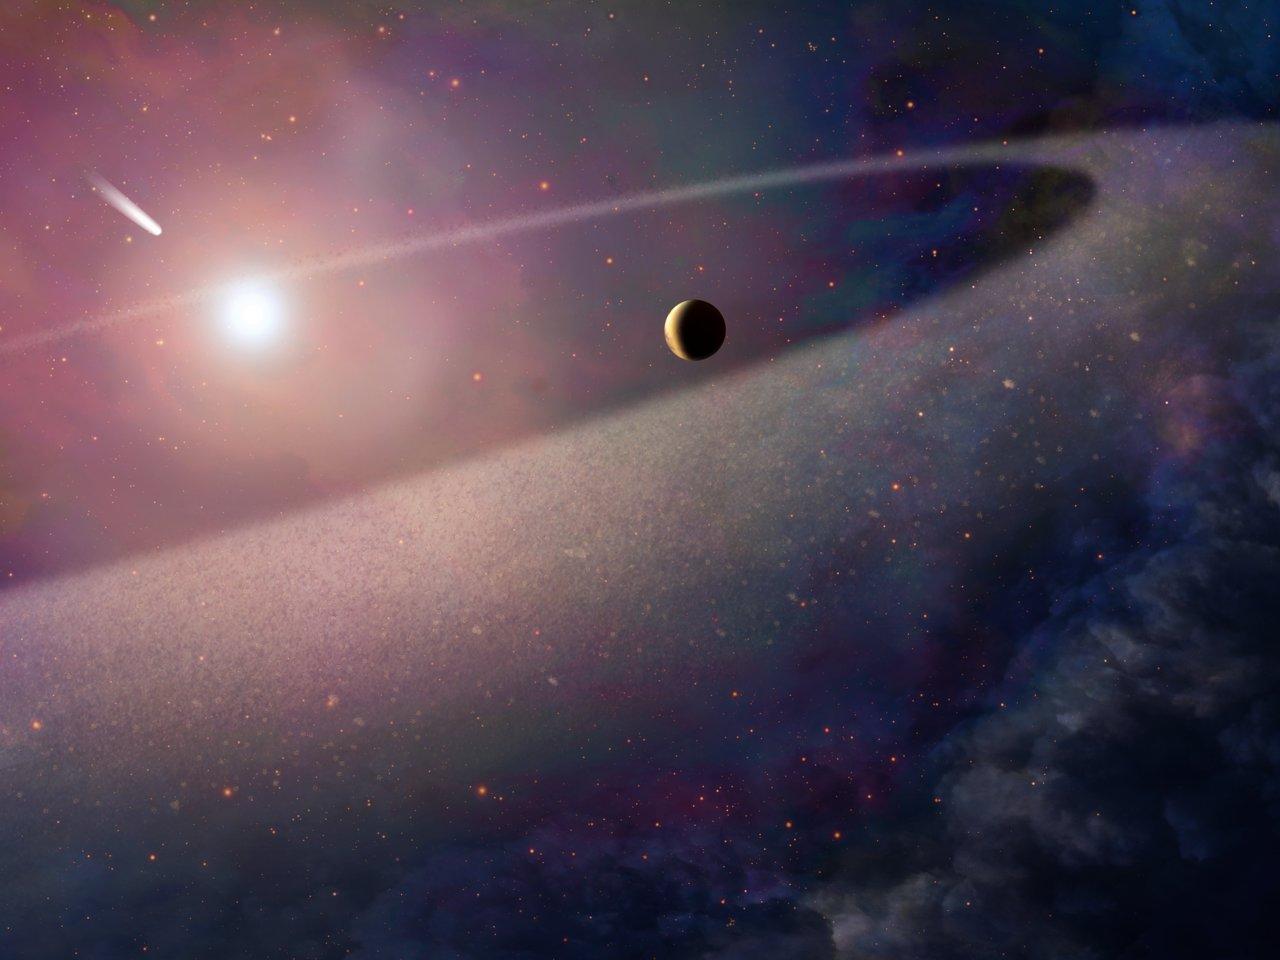 في سابقة فلكية، رصد أدلة على وجود كوكب يدور حول قزم أبيض